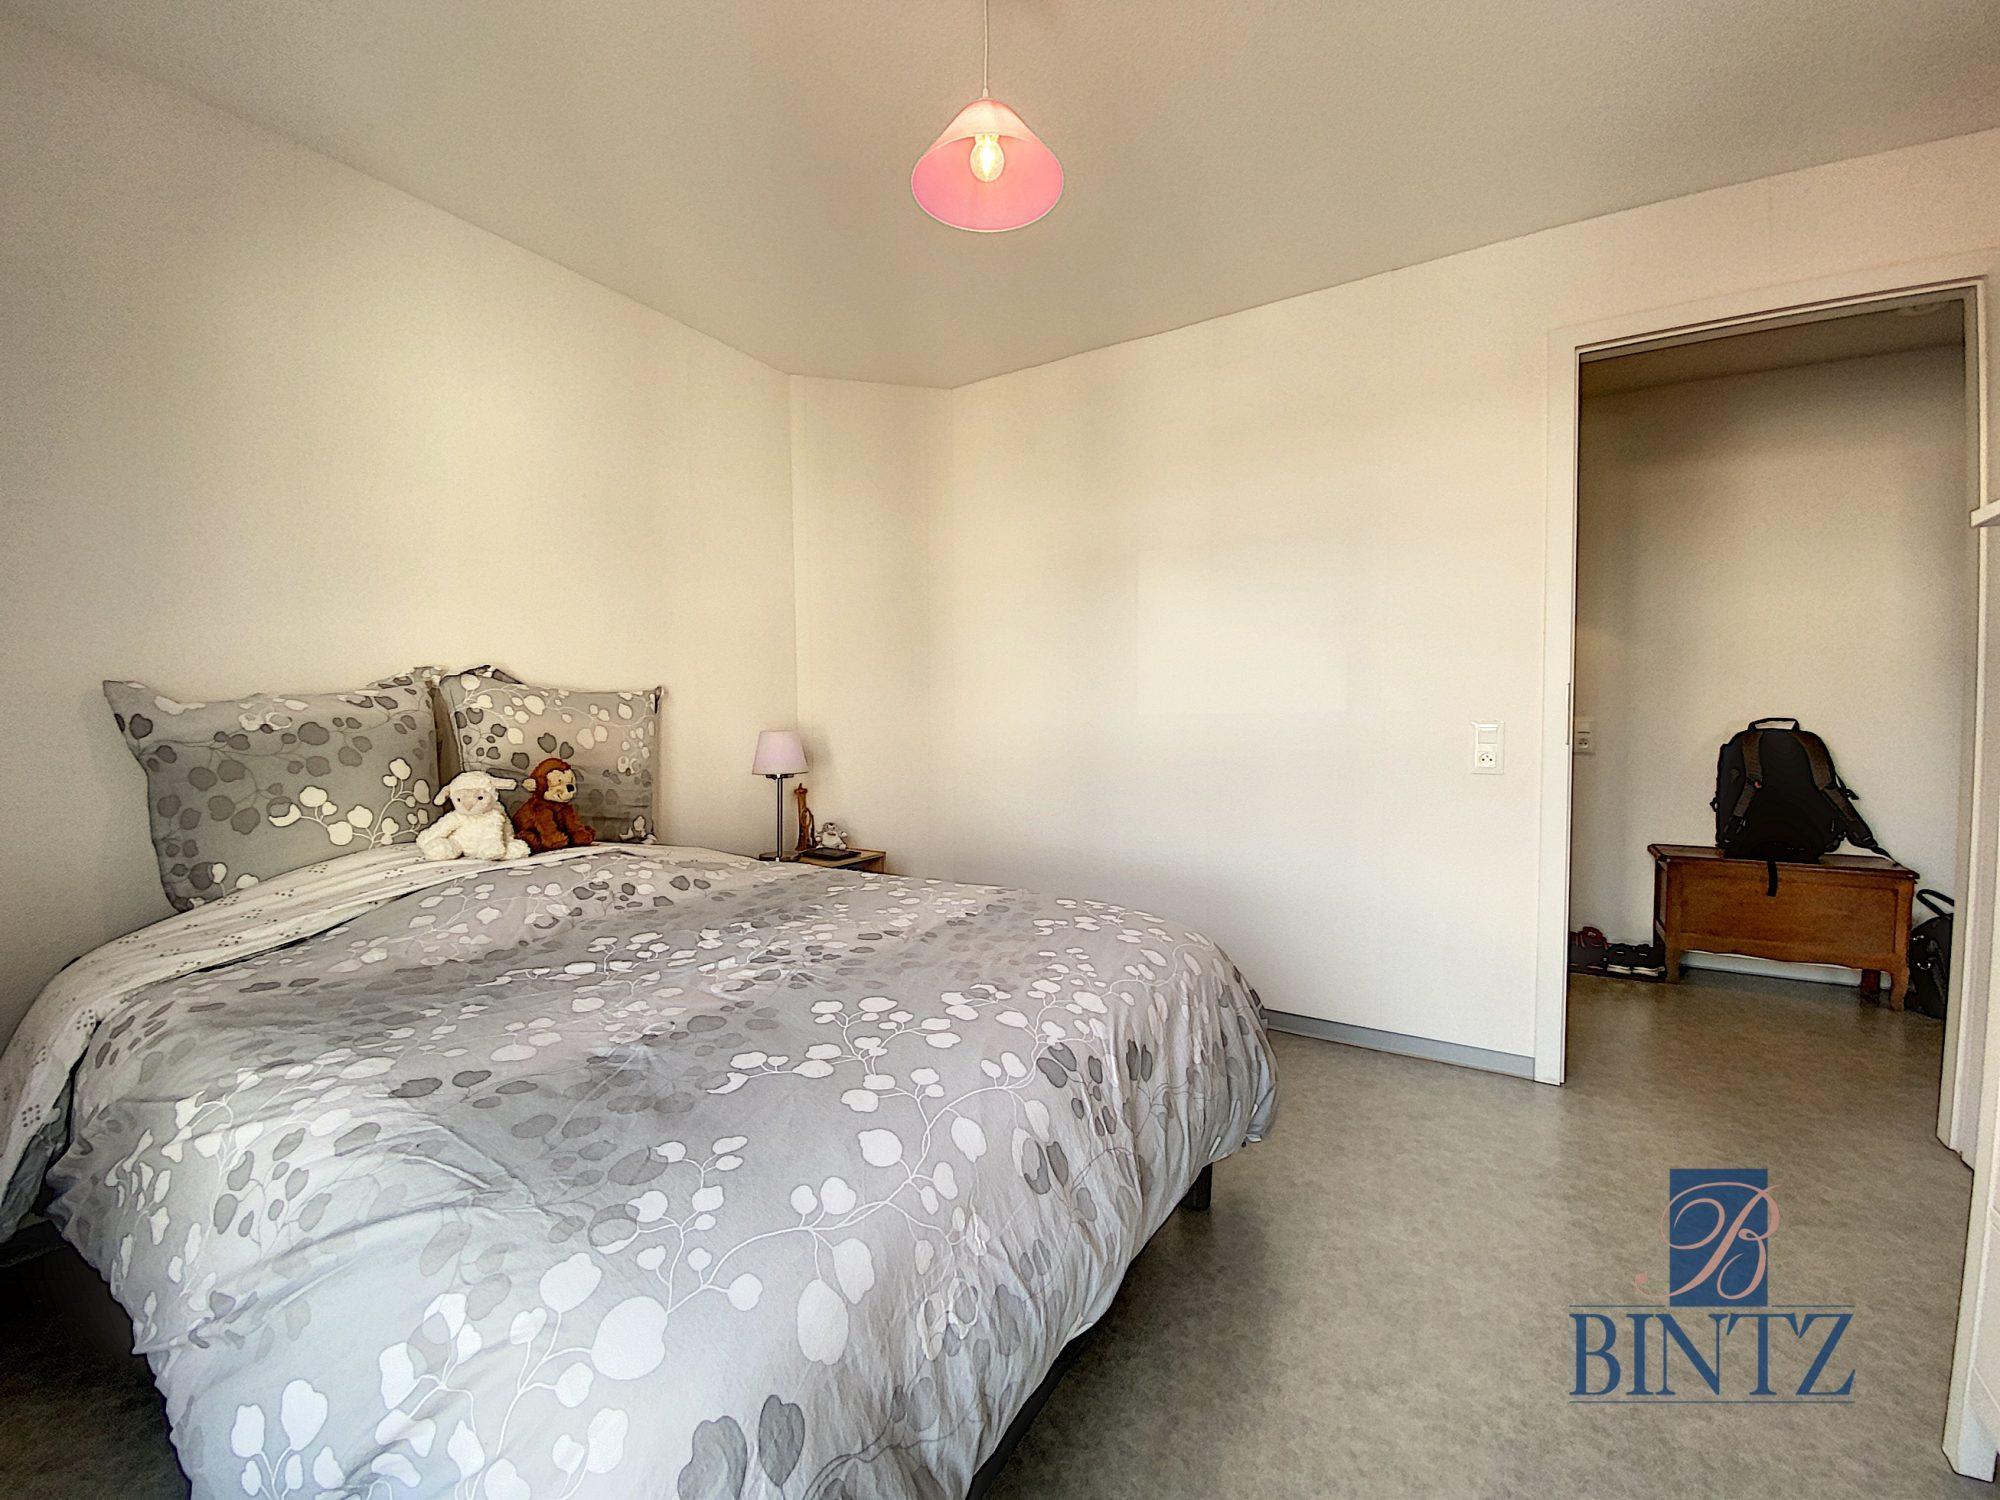 3 pièces neuf avec terrasse Schiltigheim - Devenez propriétaire en toute confiance - Bintz Immobilier - 10